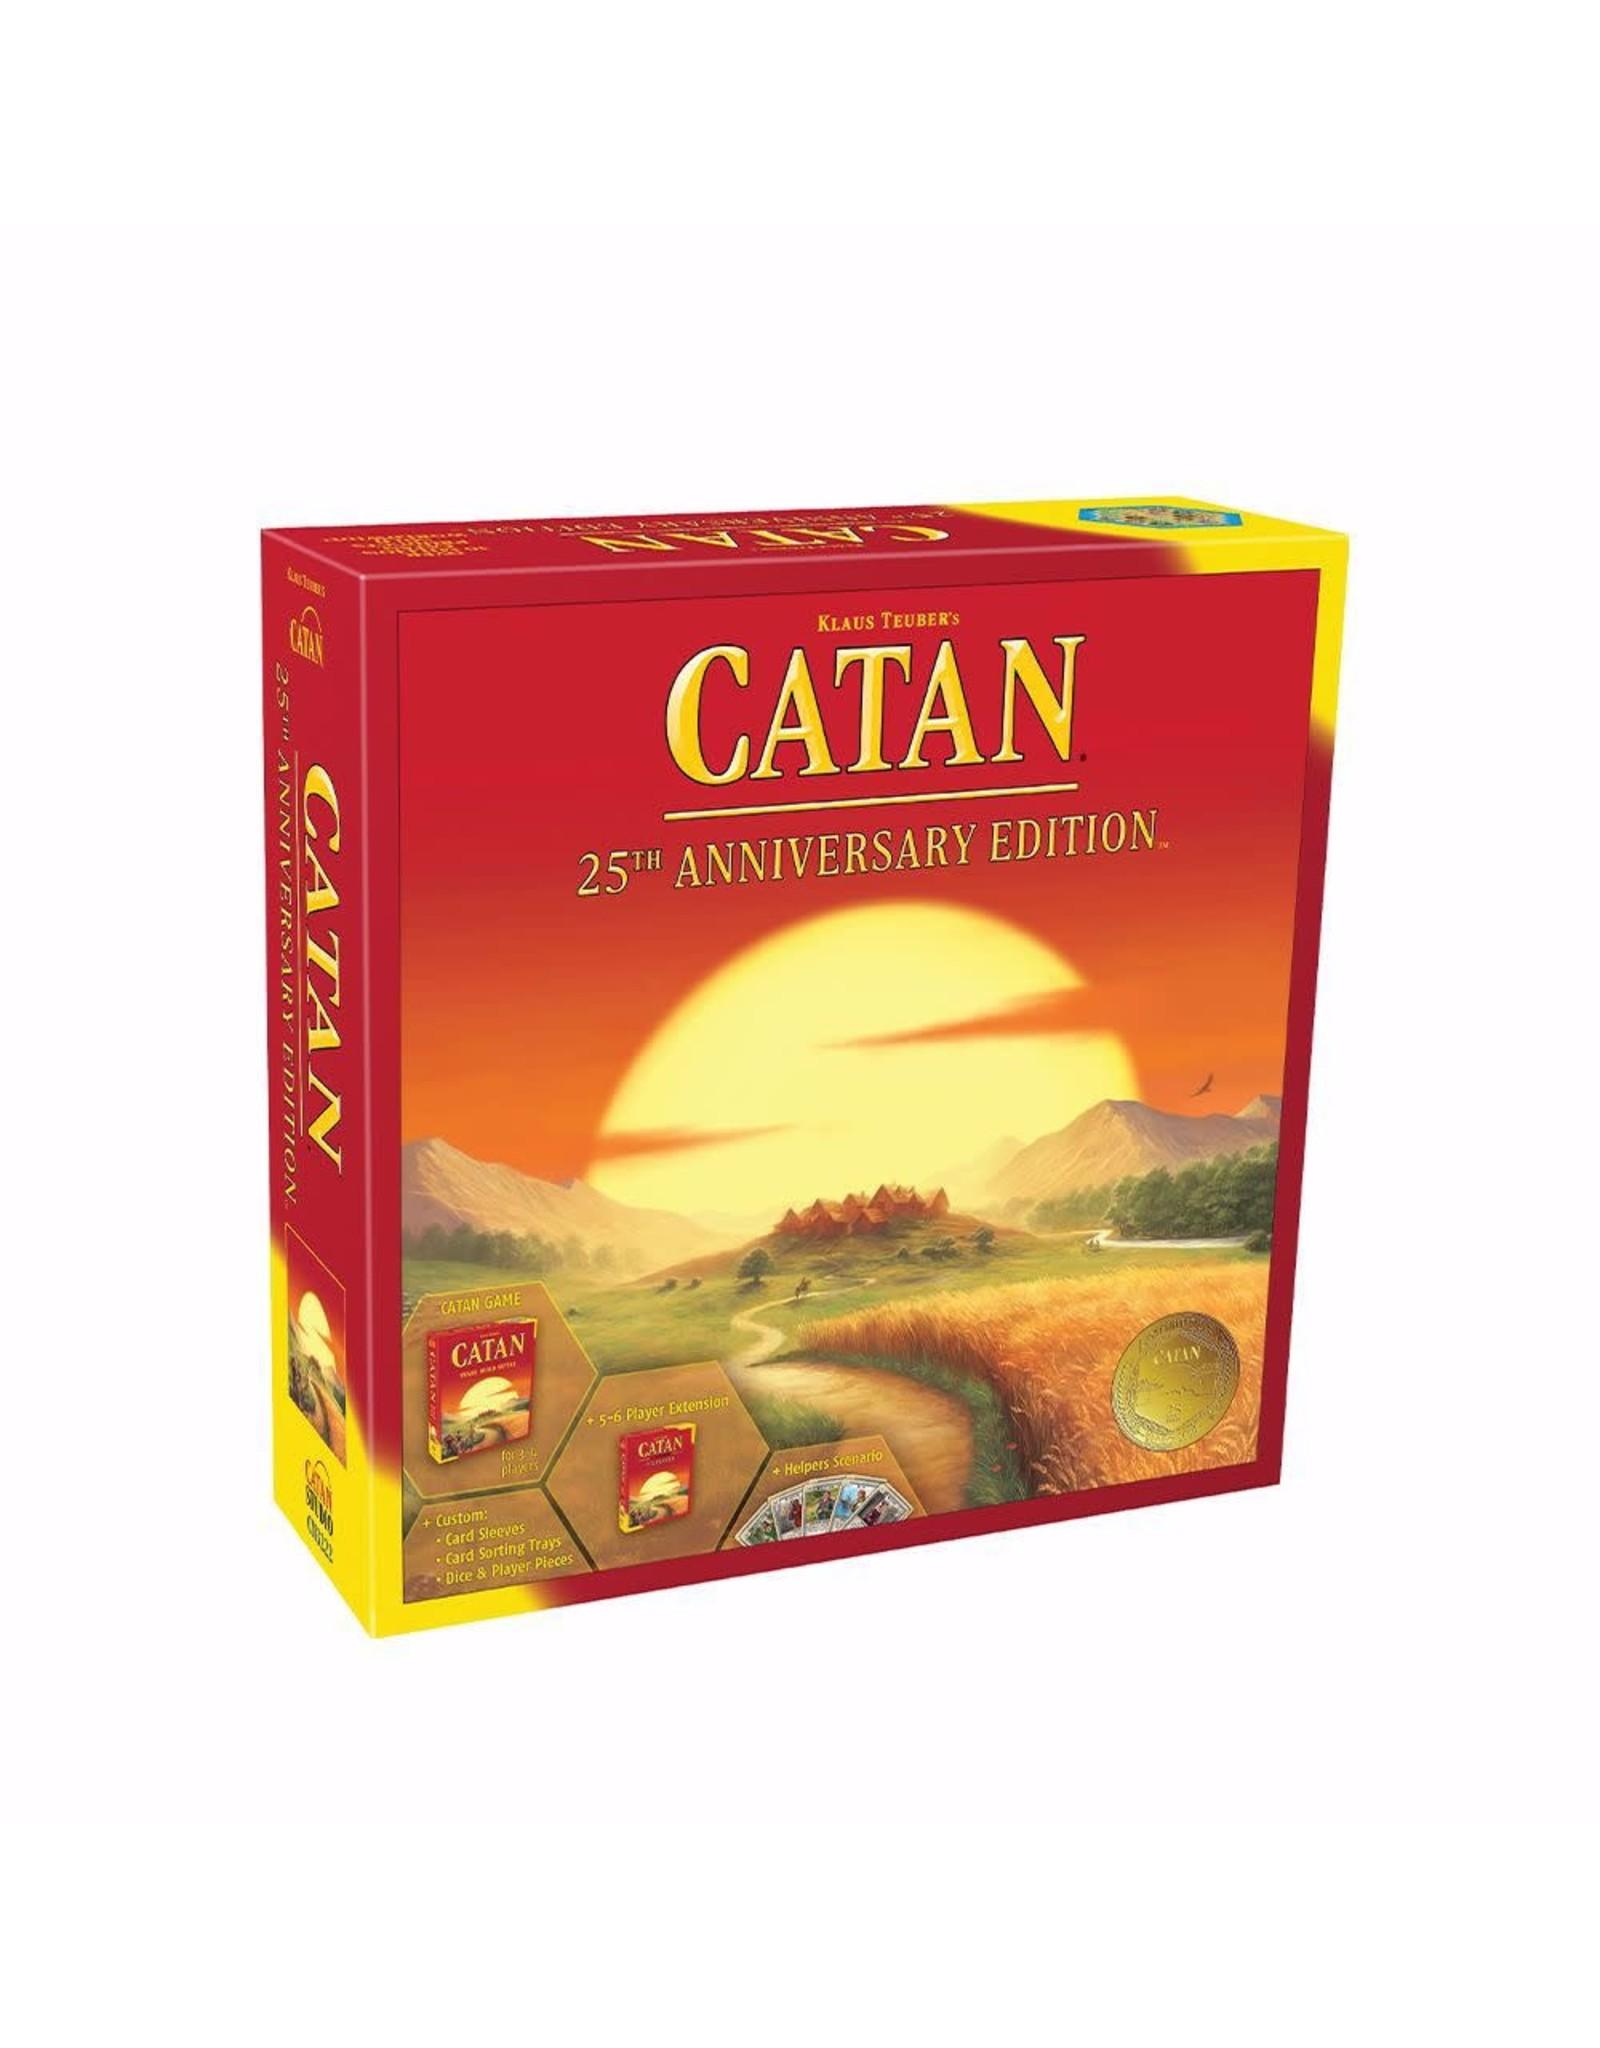 Catan Studio Catan: 25th Anniversary